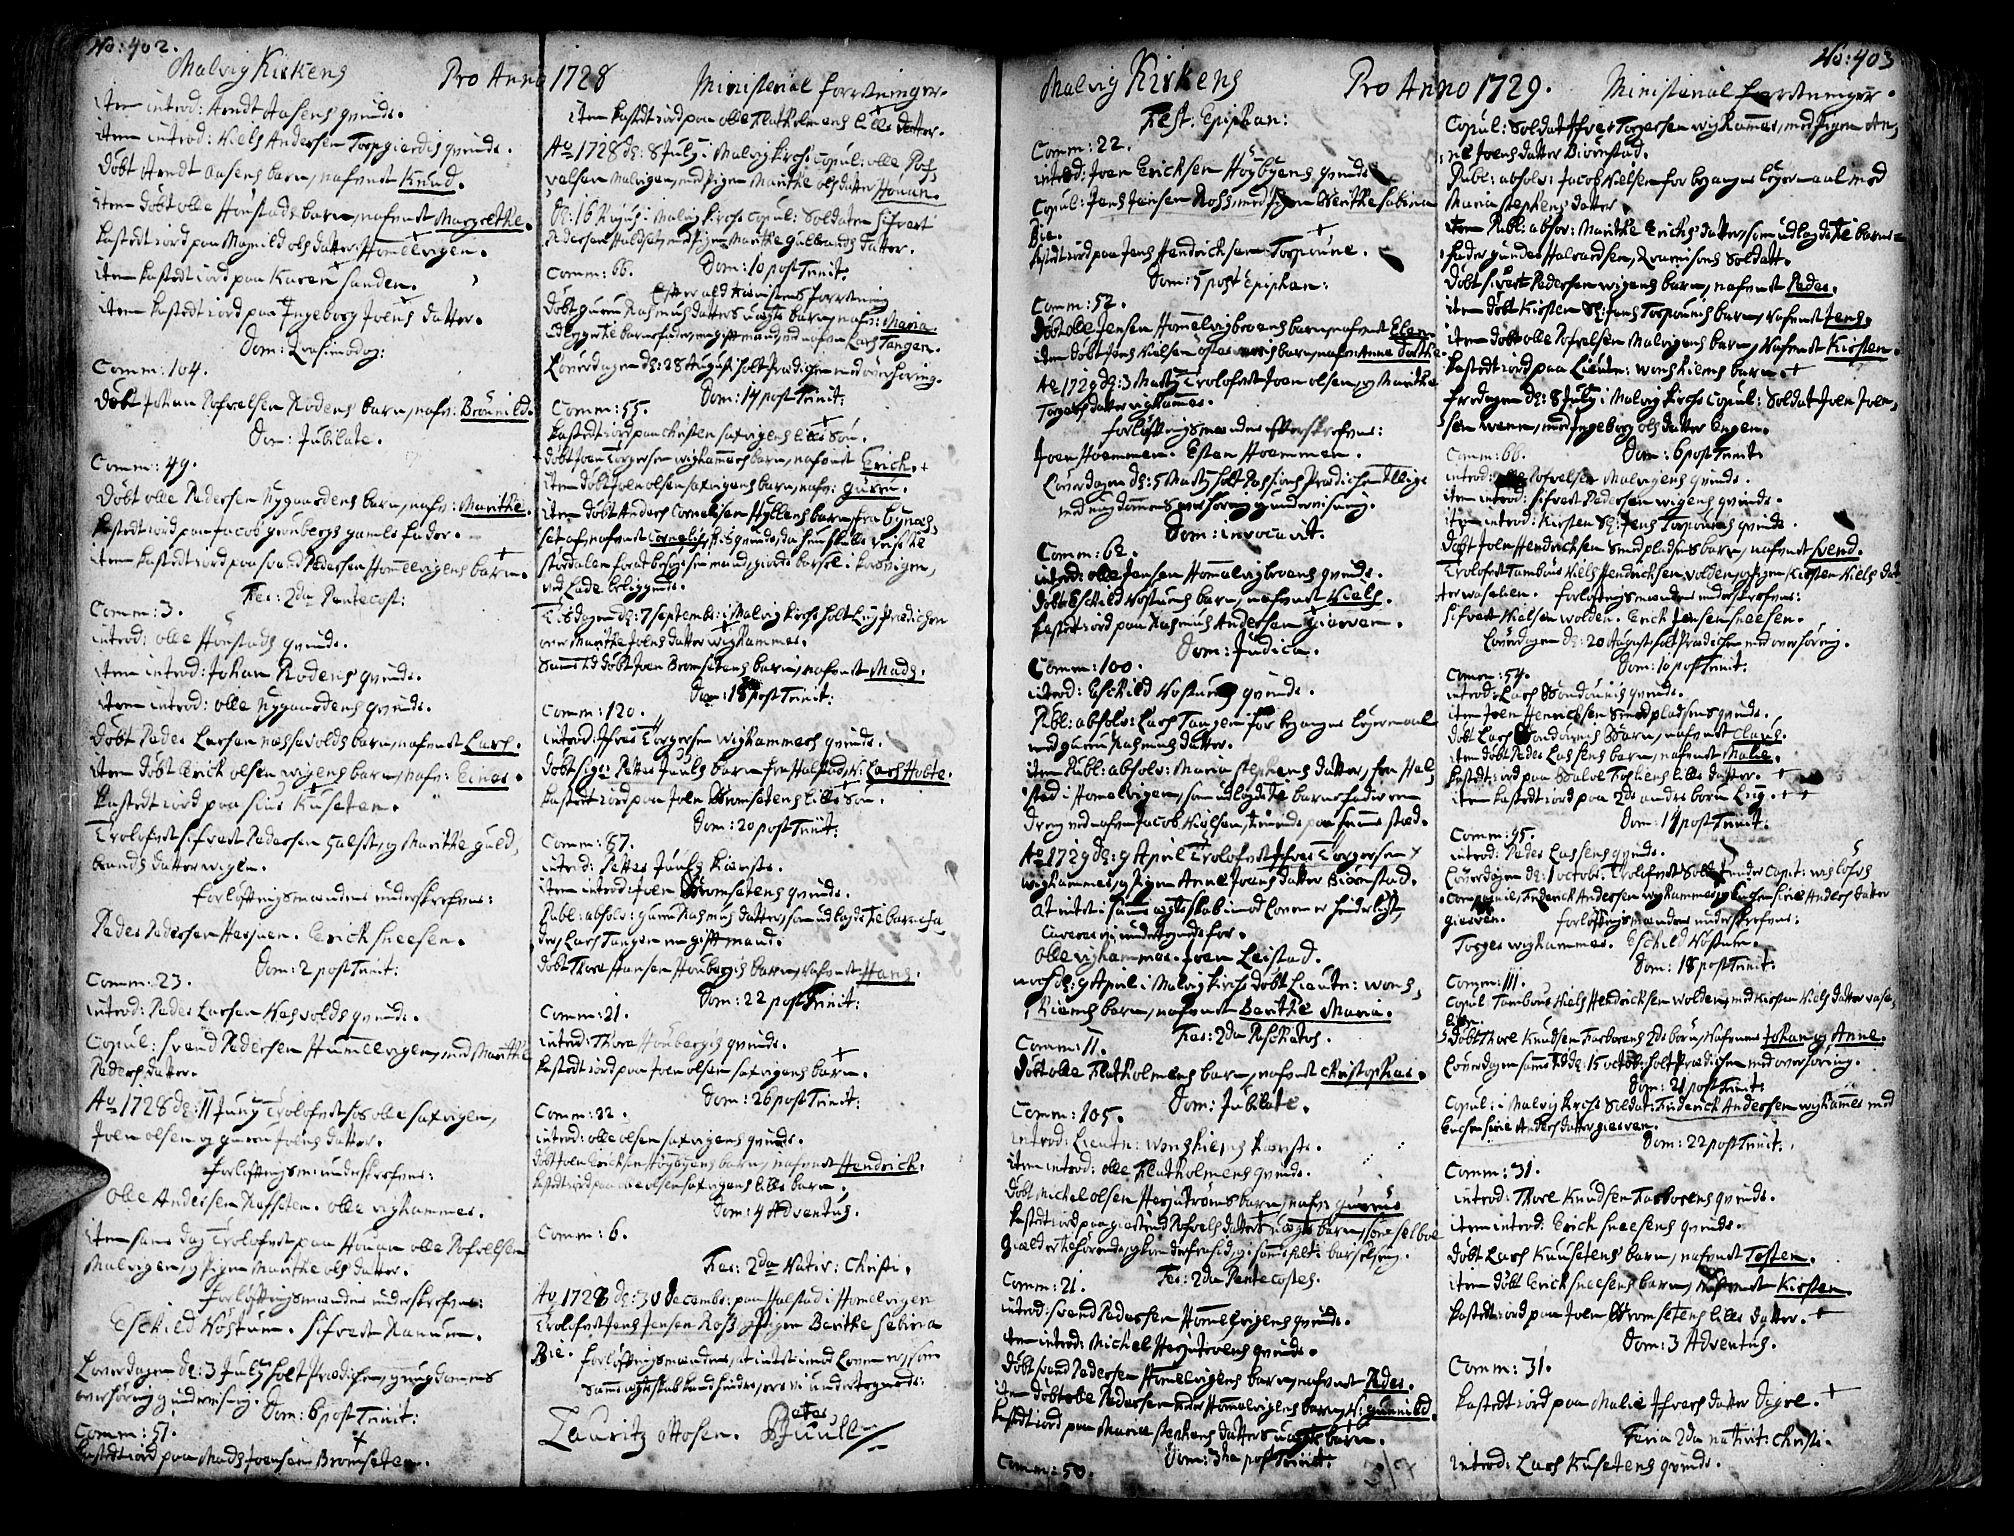 SAT, Ministerialprotokoller, klokkerbøker og fødselsregistre - Sør-Trøndelag, 606/L0277: Ministerialbok nr. 606A01 /3, 1727-1780, s. 402-403